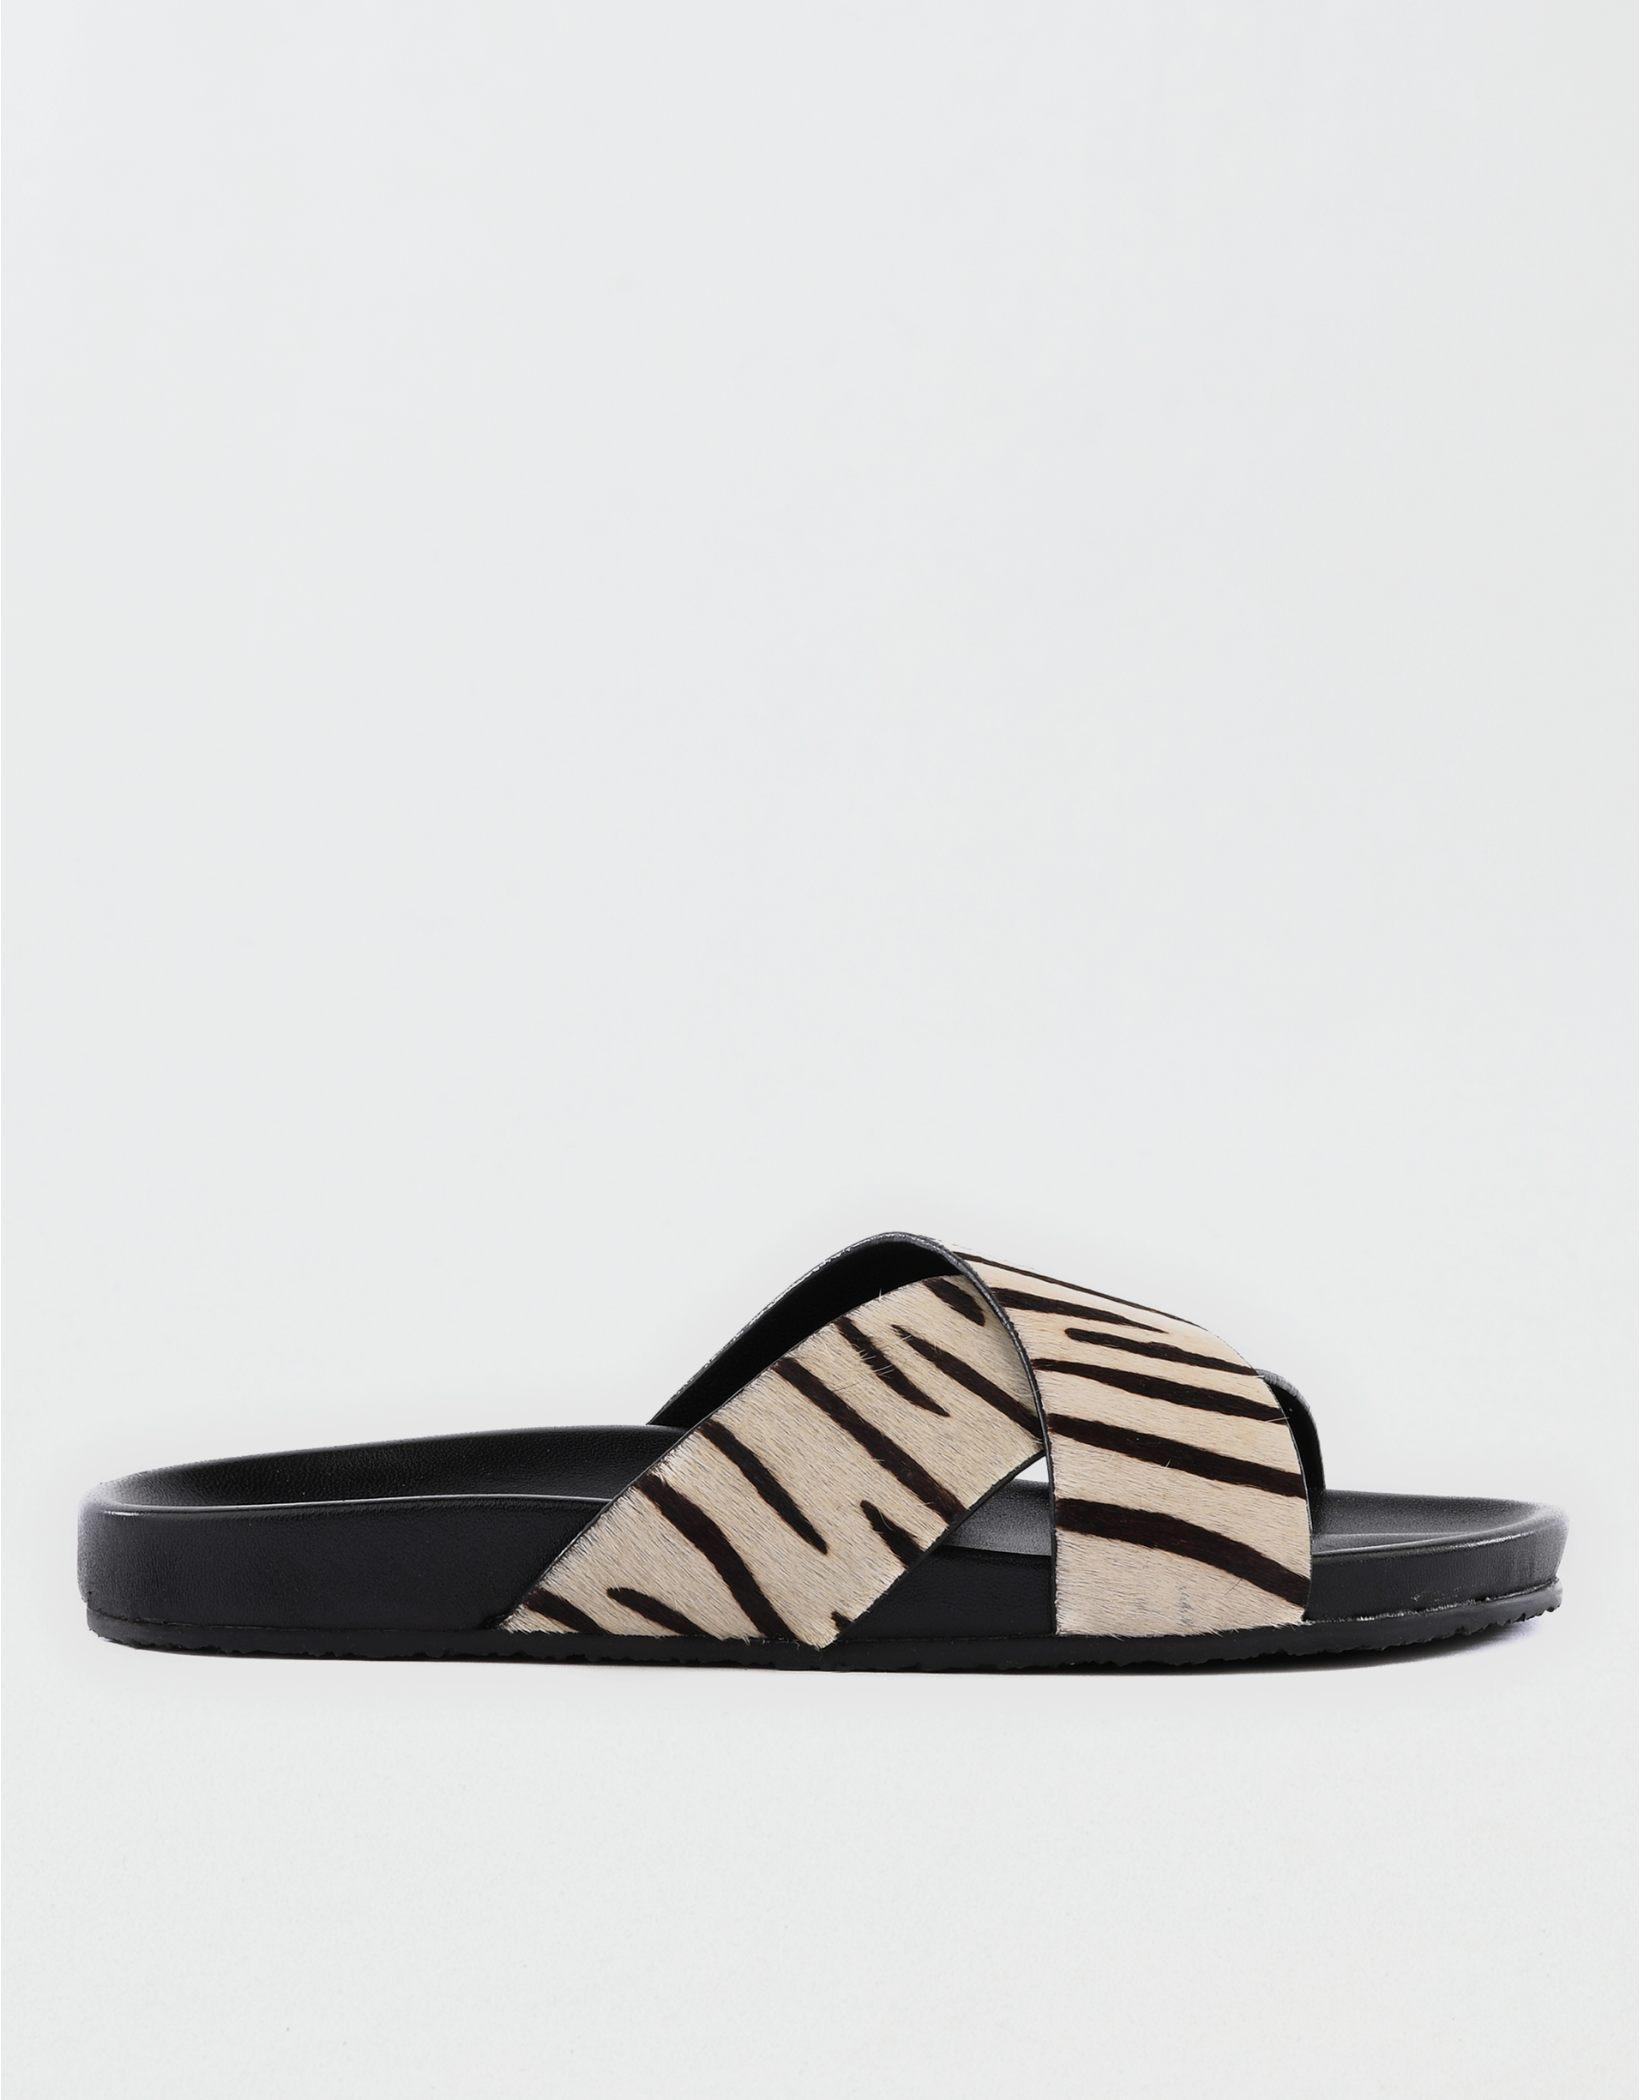 Seychelles Lighthearted Slide Sandal